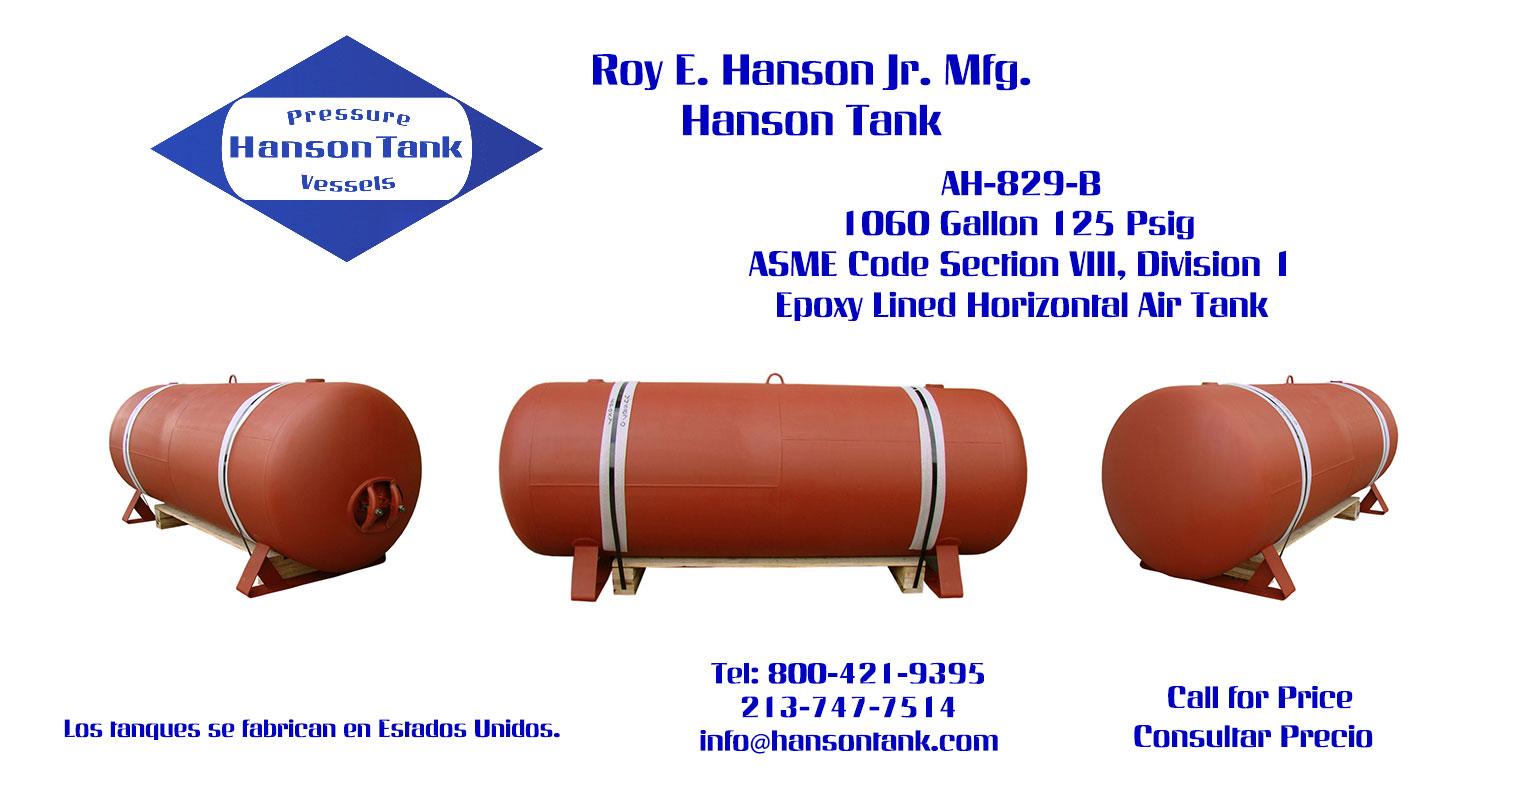 AH-829-B 1060 Gallon Horizontal Custom Tank